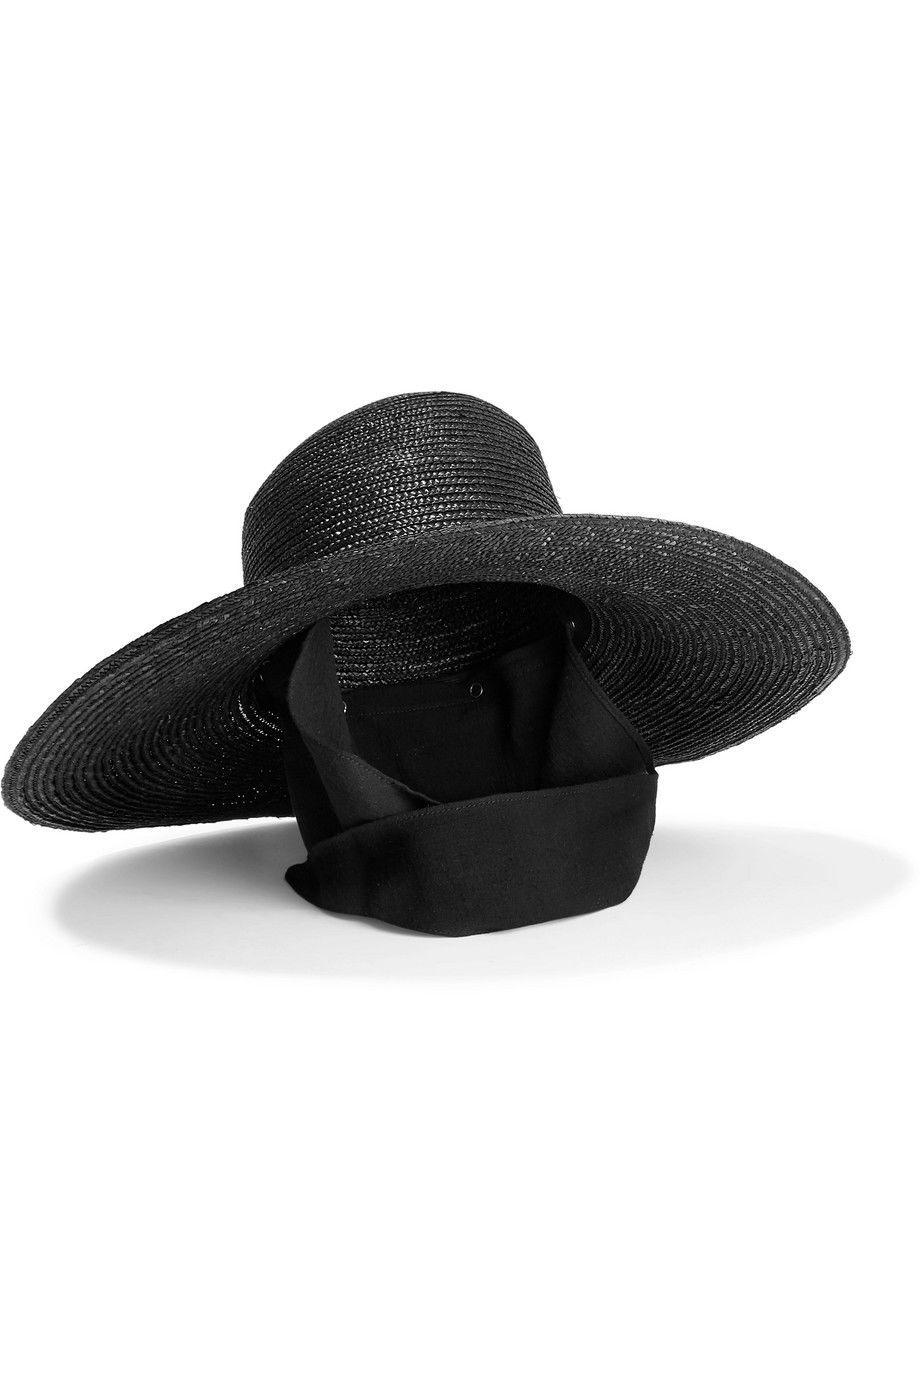 #PopbelaOOTD: Topi Pantai buat Kamu yang Besok Mau Liburan